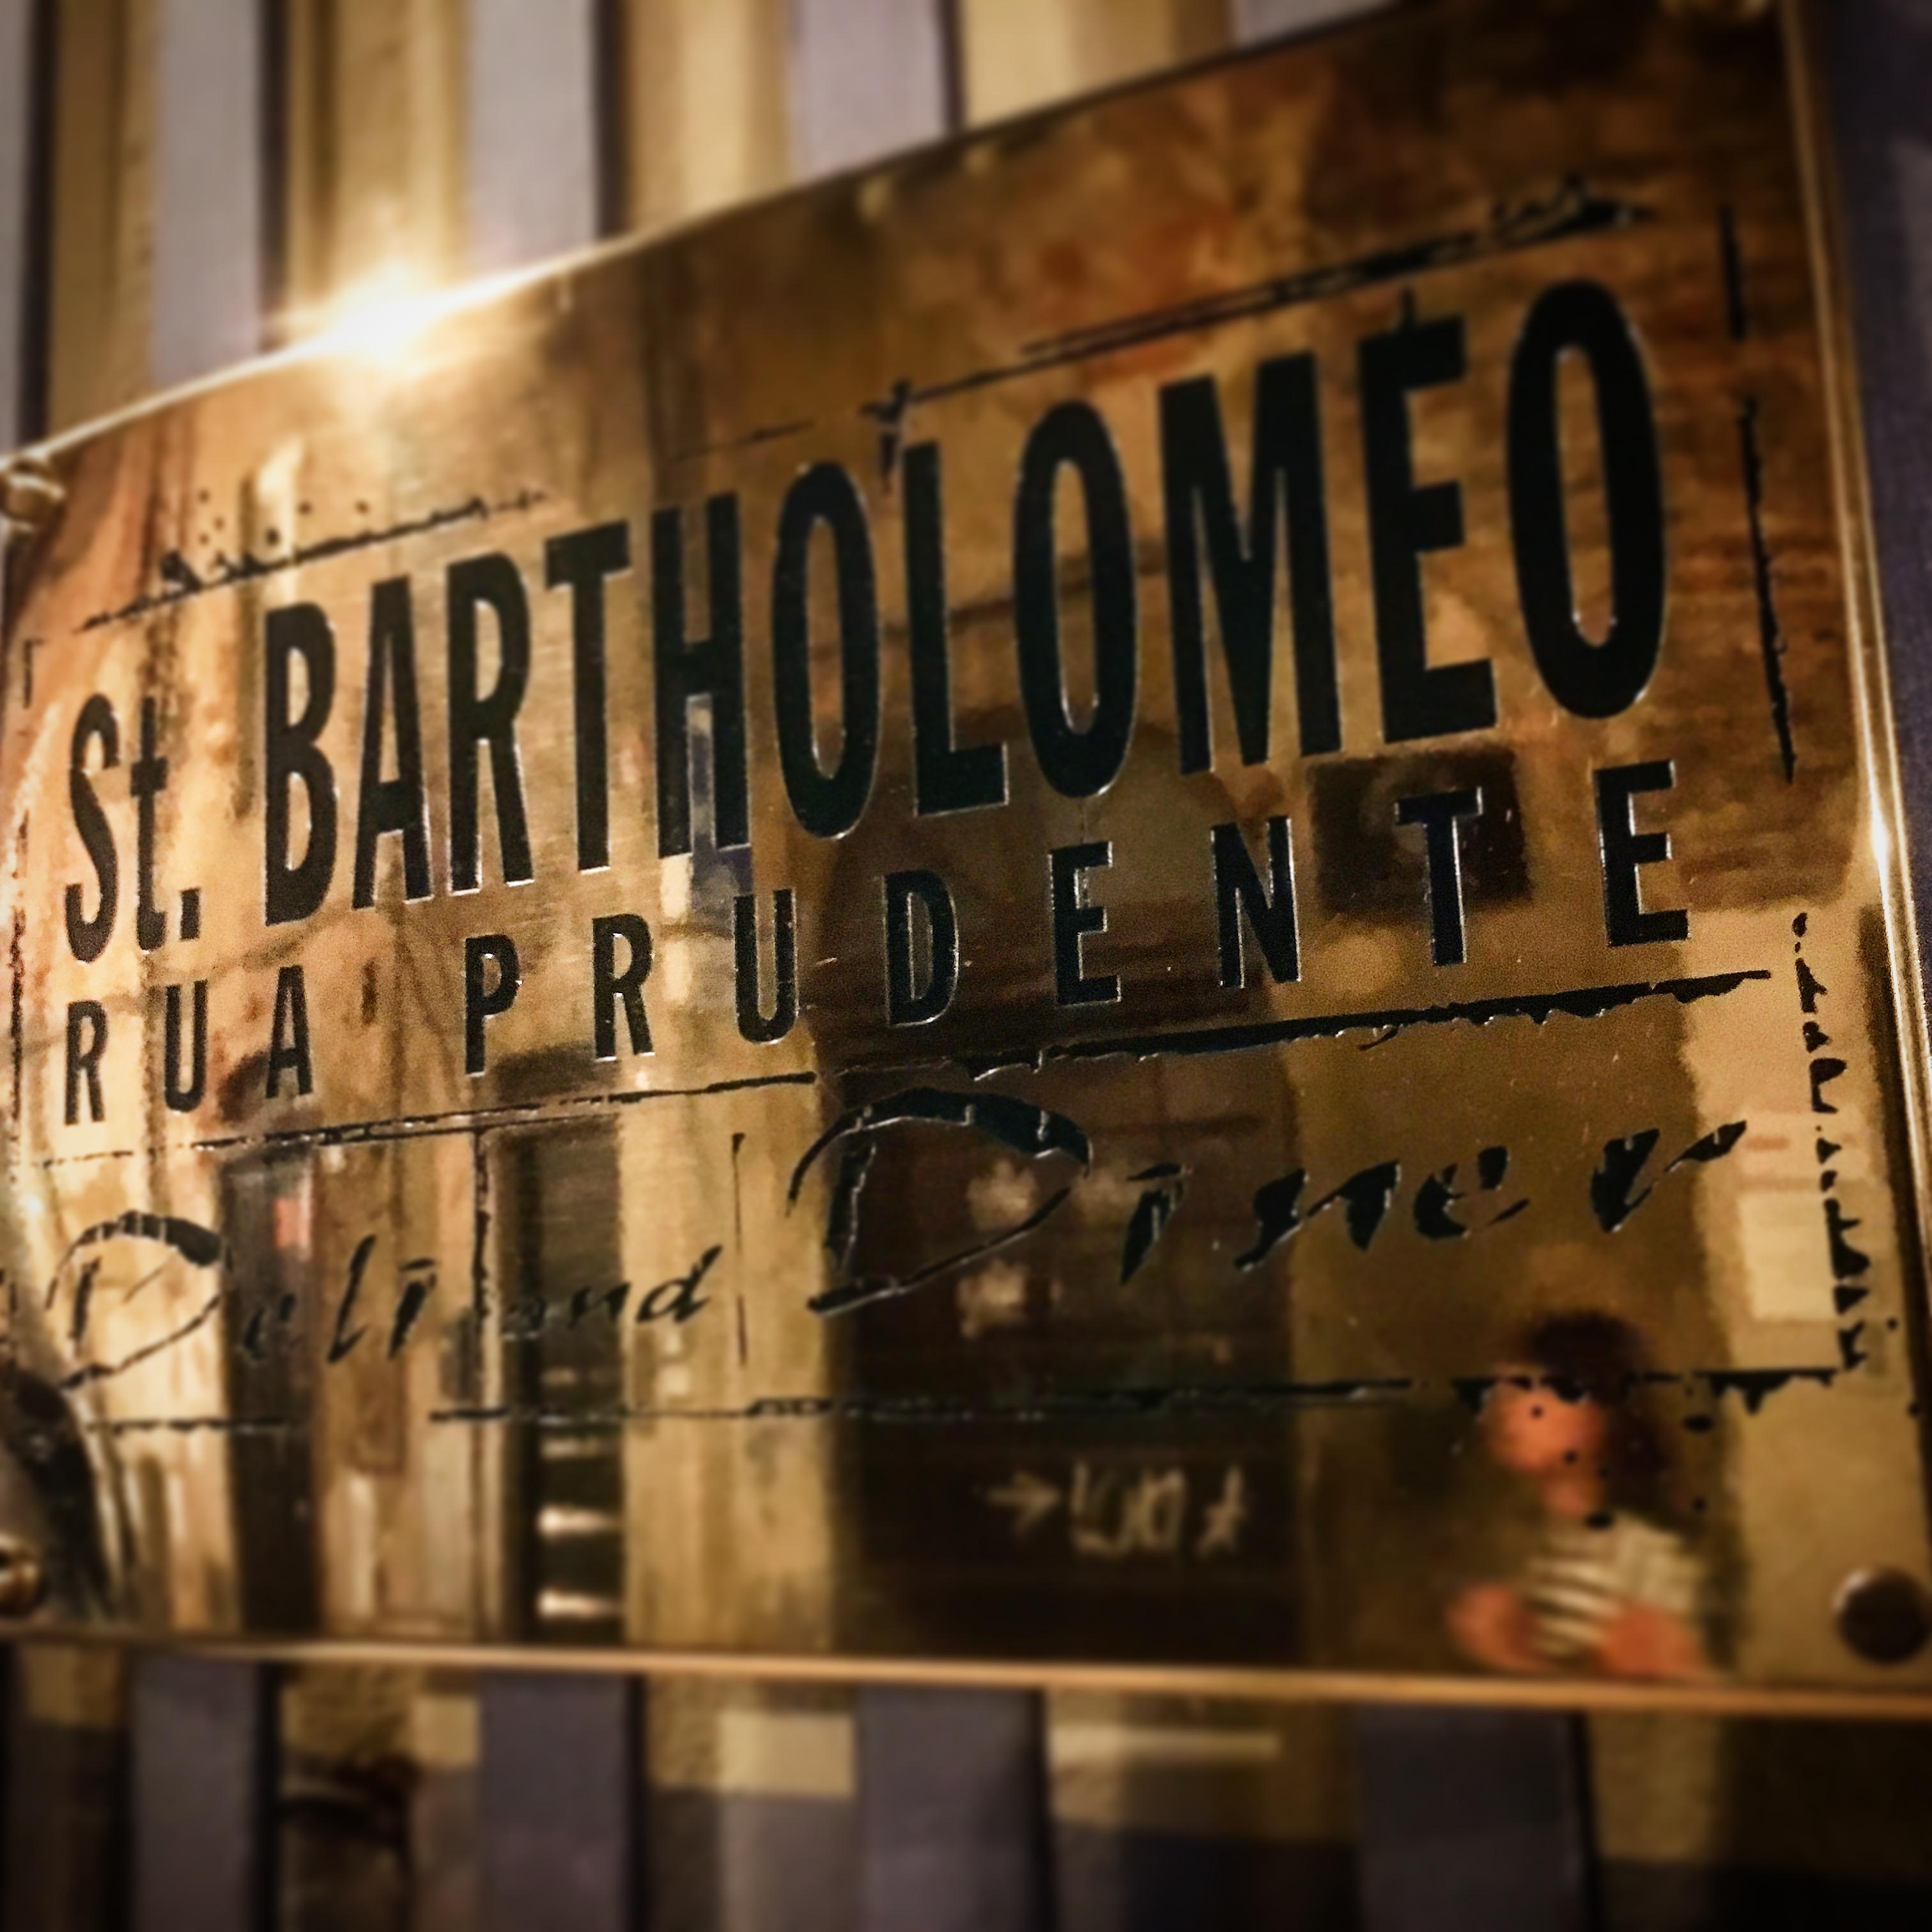 ST. BARTHOLOMEO RUA PRUDENTE – Lucca